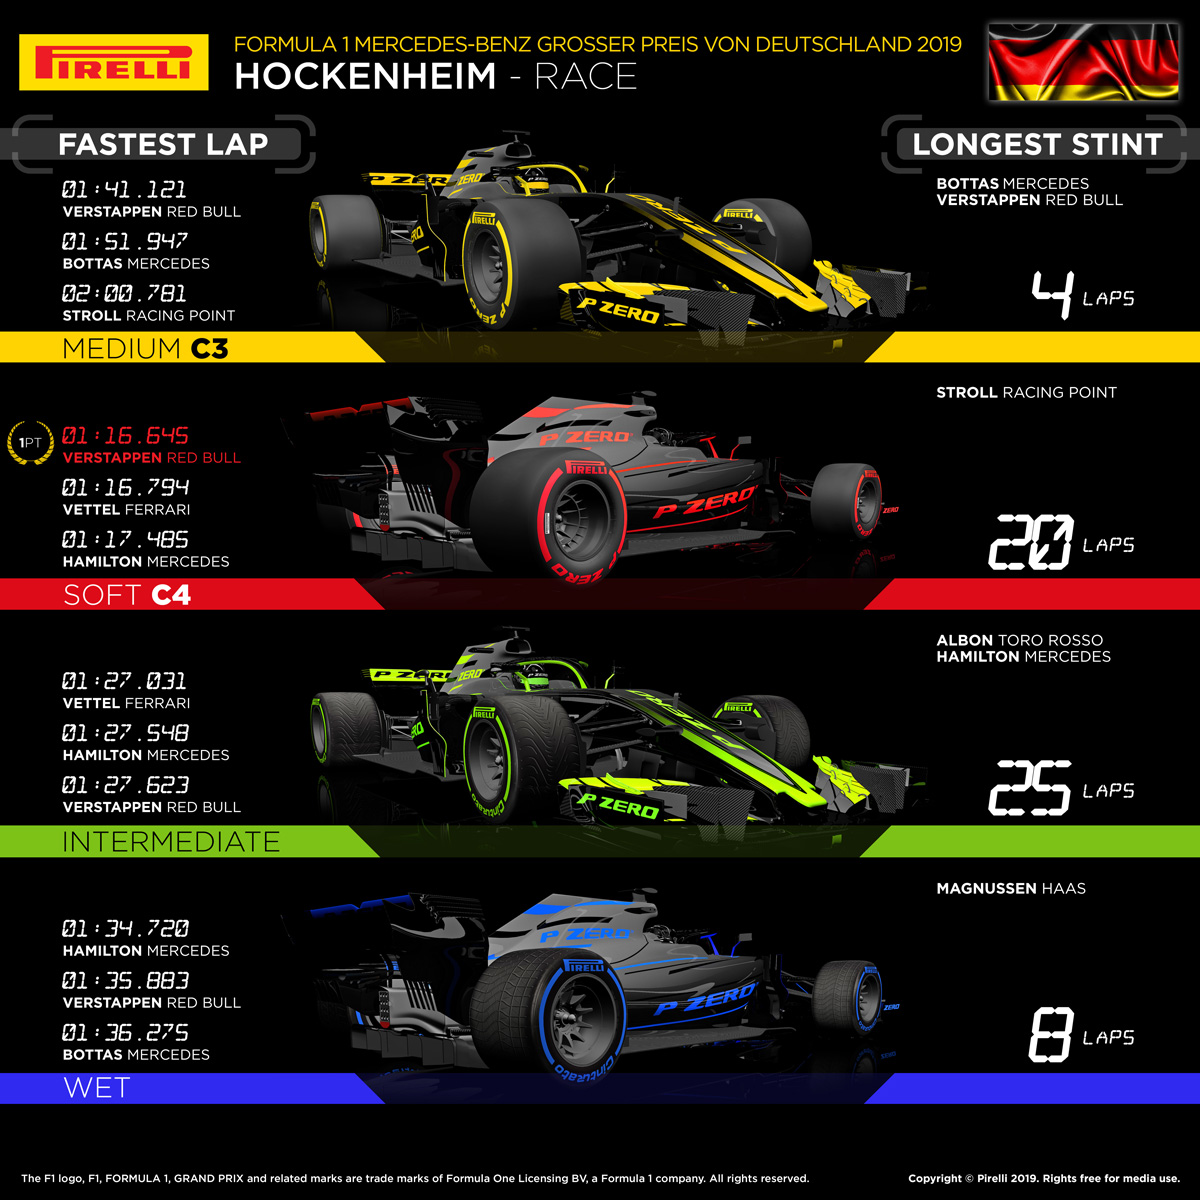 F1 ドイツグランプリ 2019